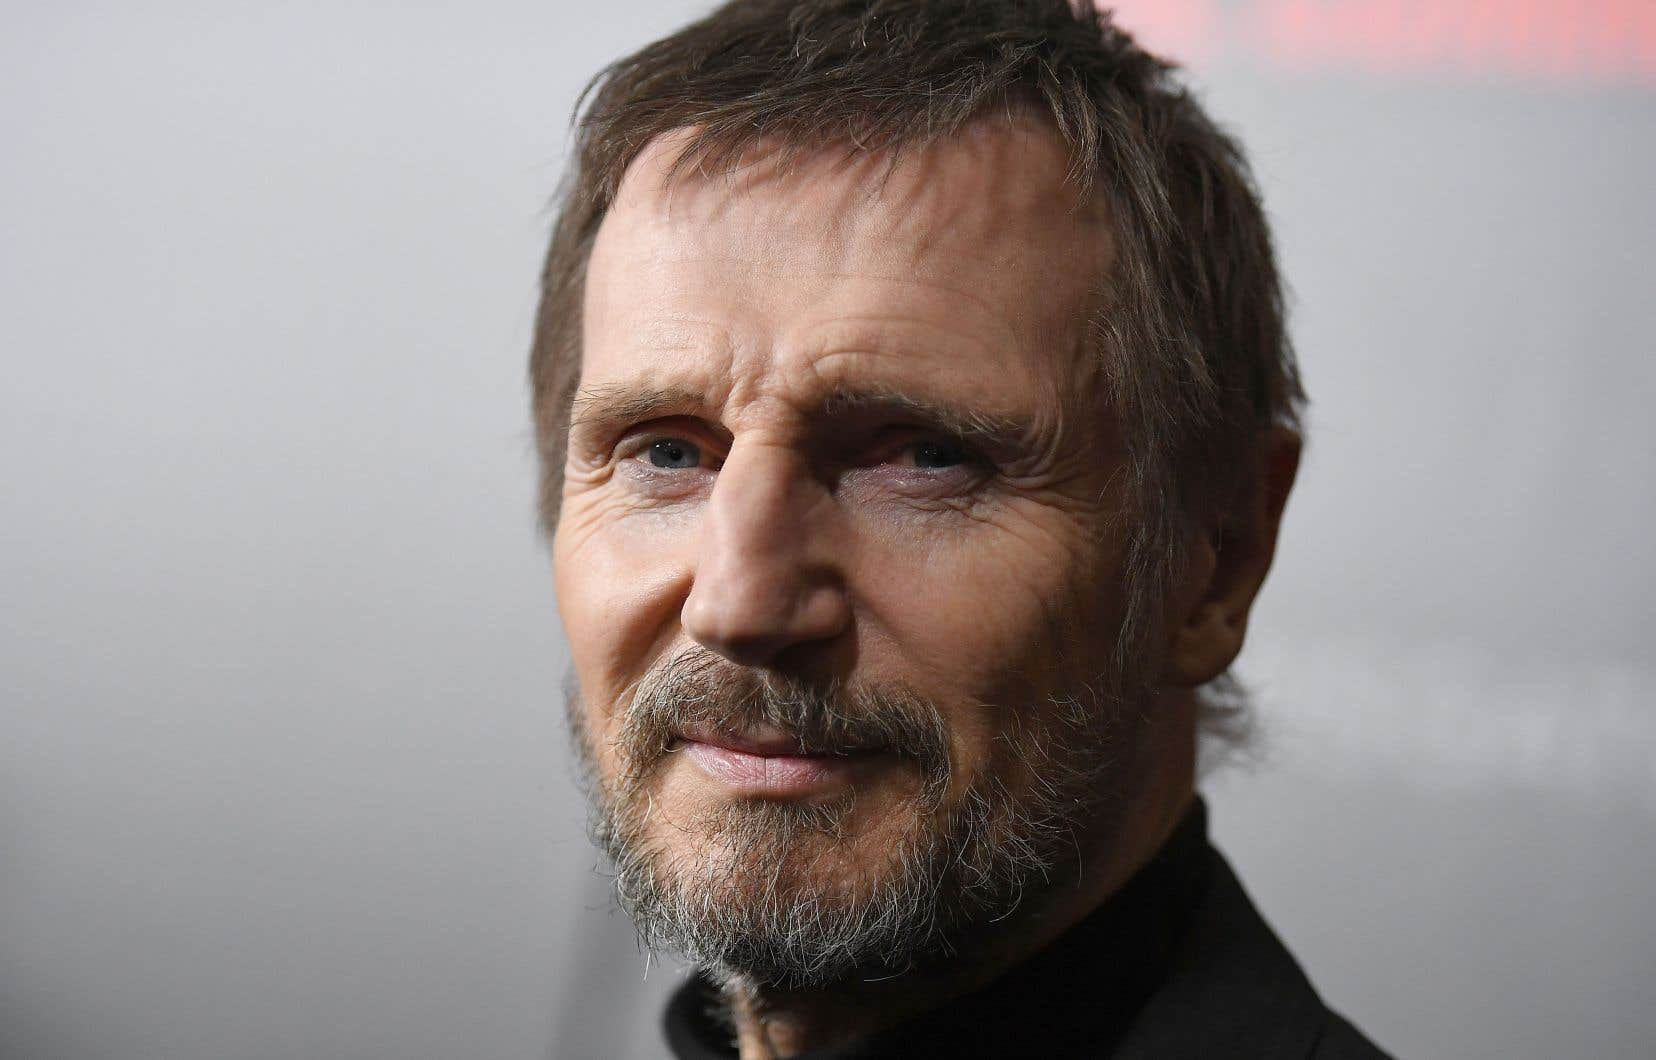 C'est en souhaitant aborder les ressorts psychologiques de son personnage dans le film «Sang froid» que Liam Neeson a raconté l'anecdote, vieille de 40ans.